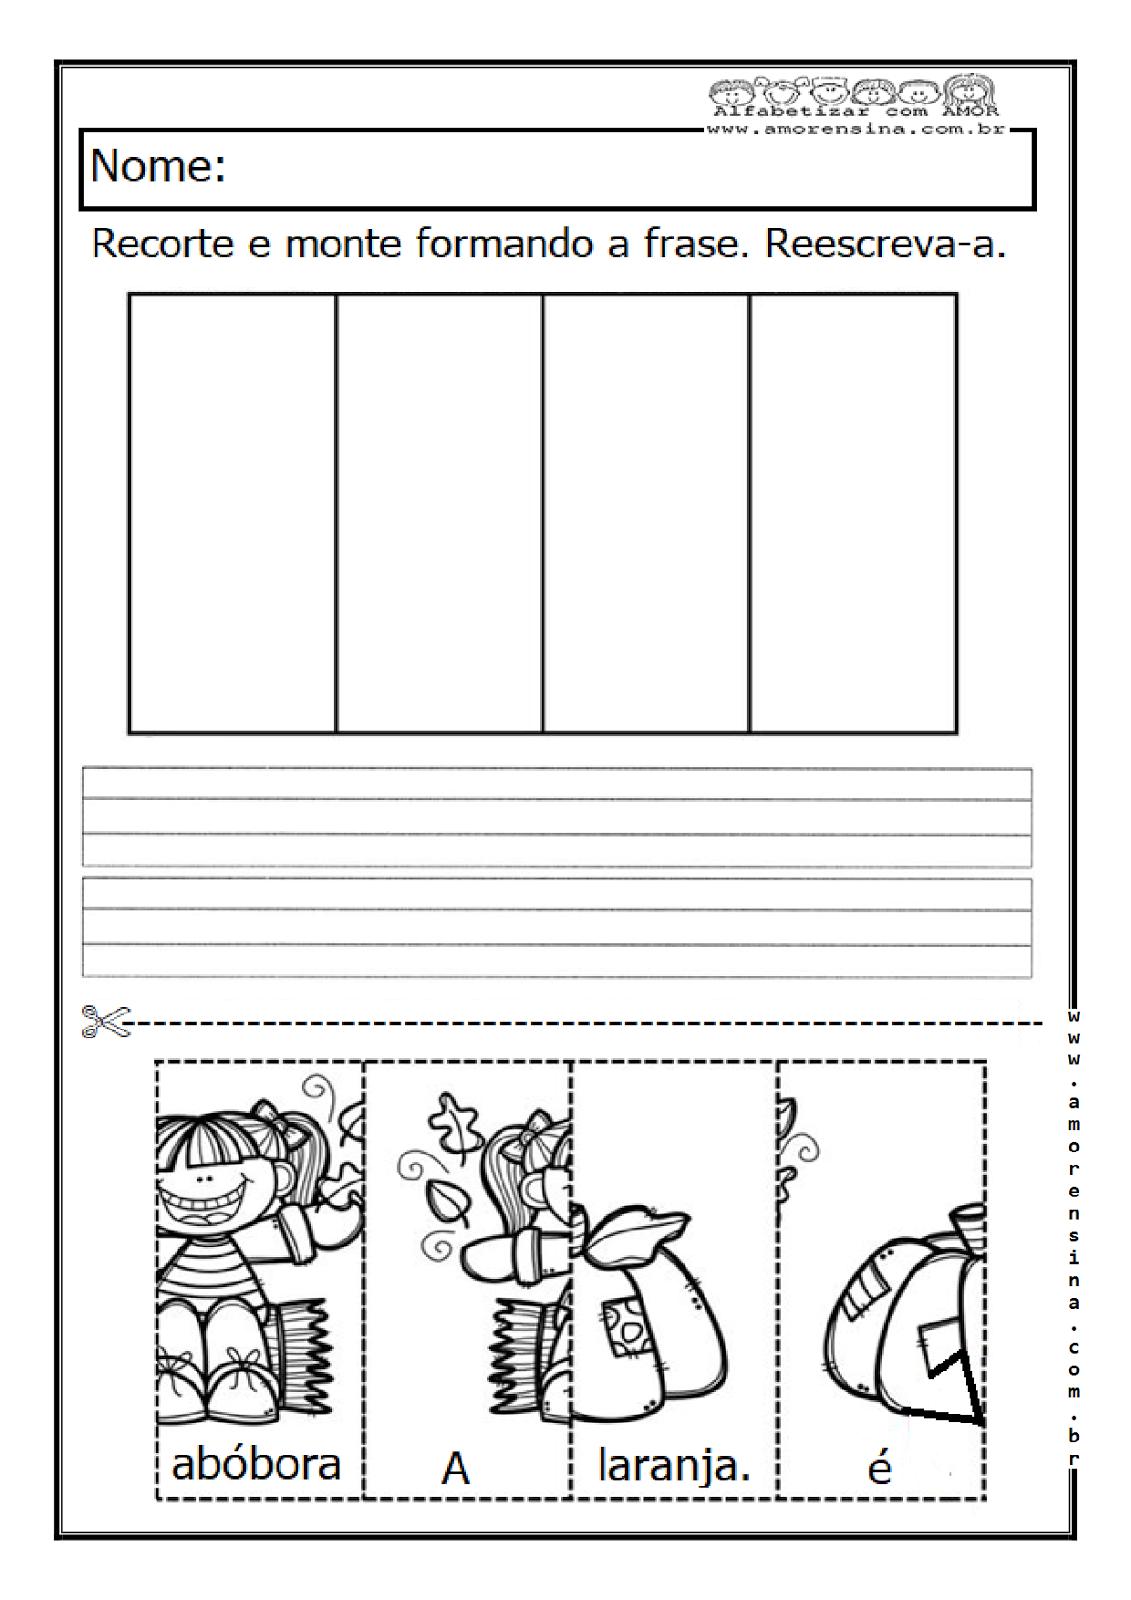 Formando Frases Com Recorte E Colagem 1º Ano 2º Ano